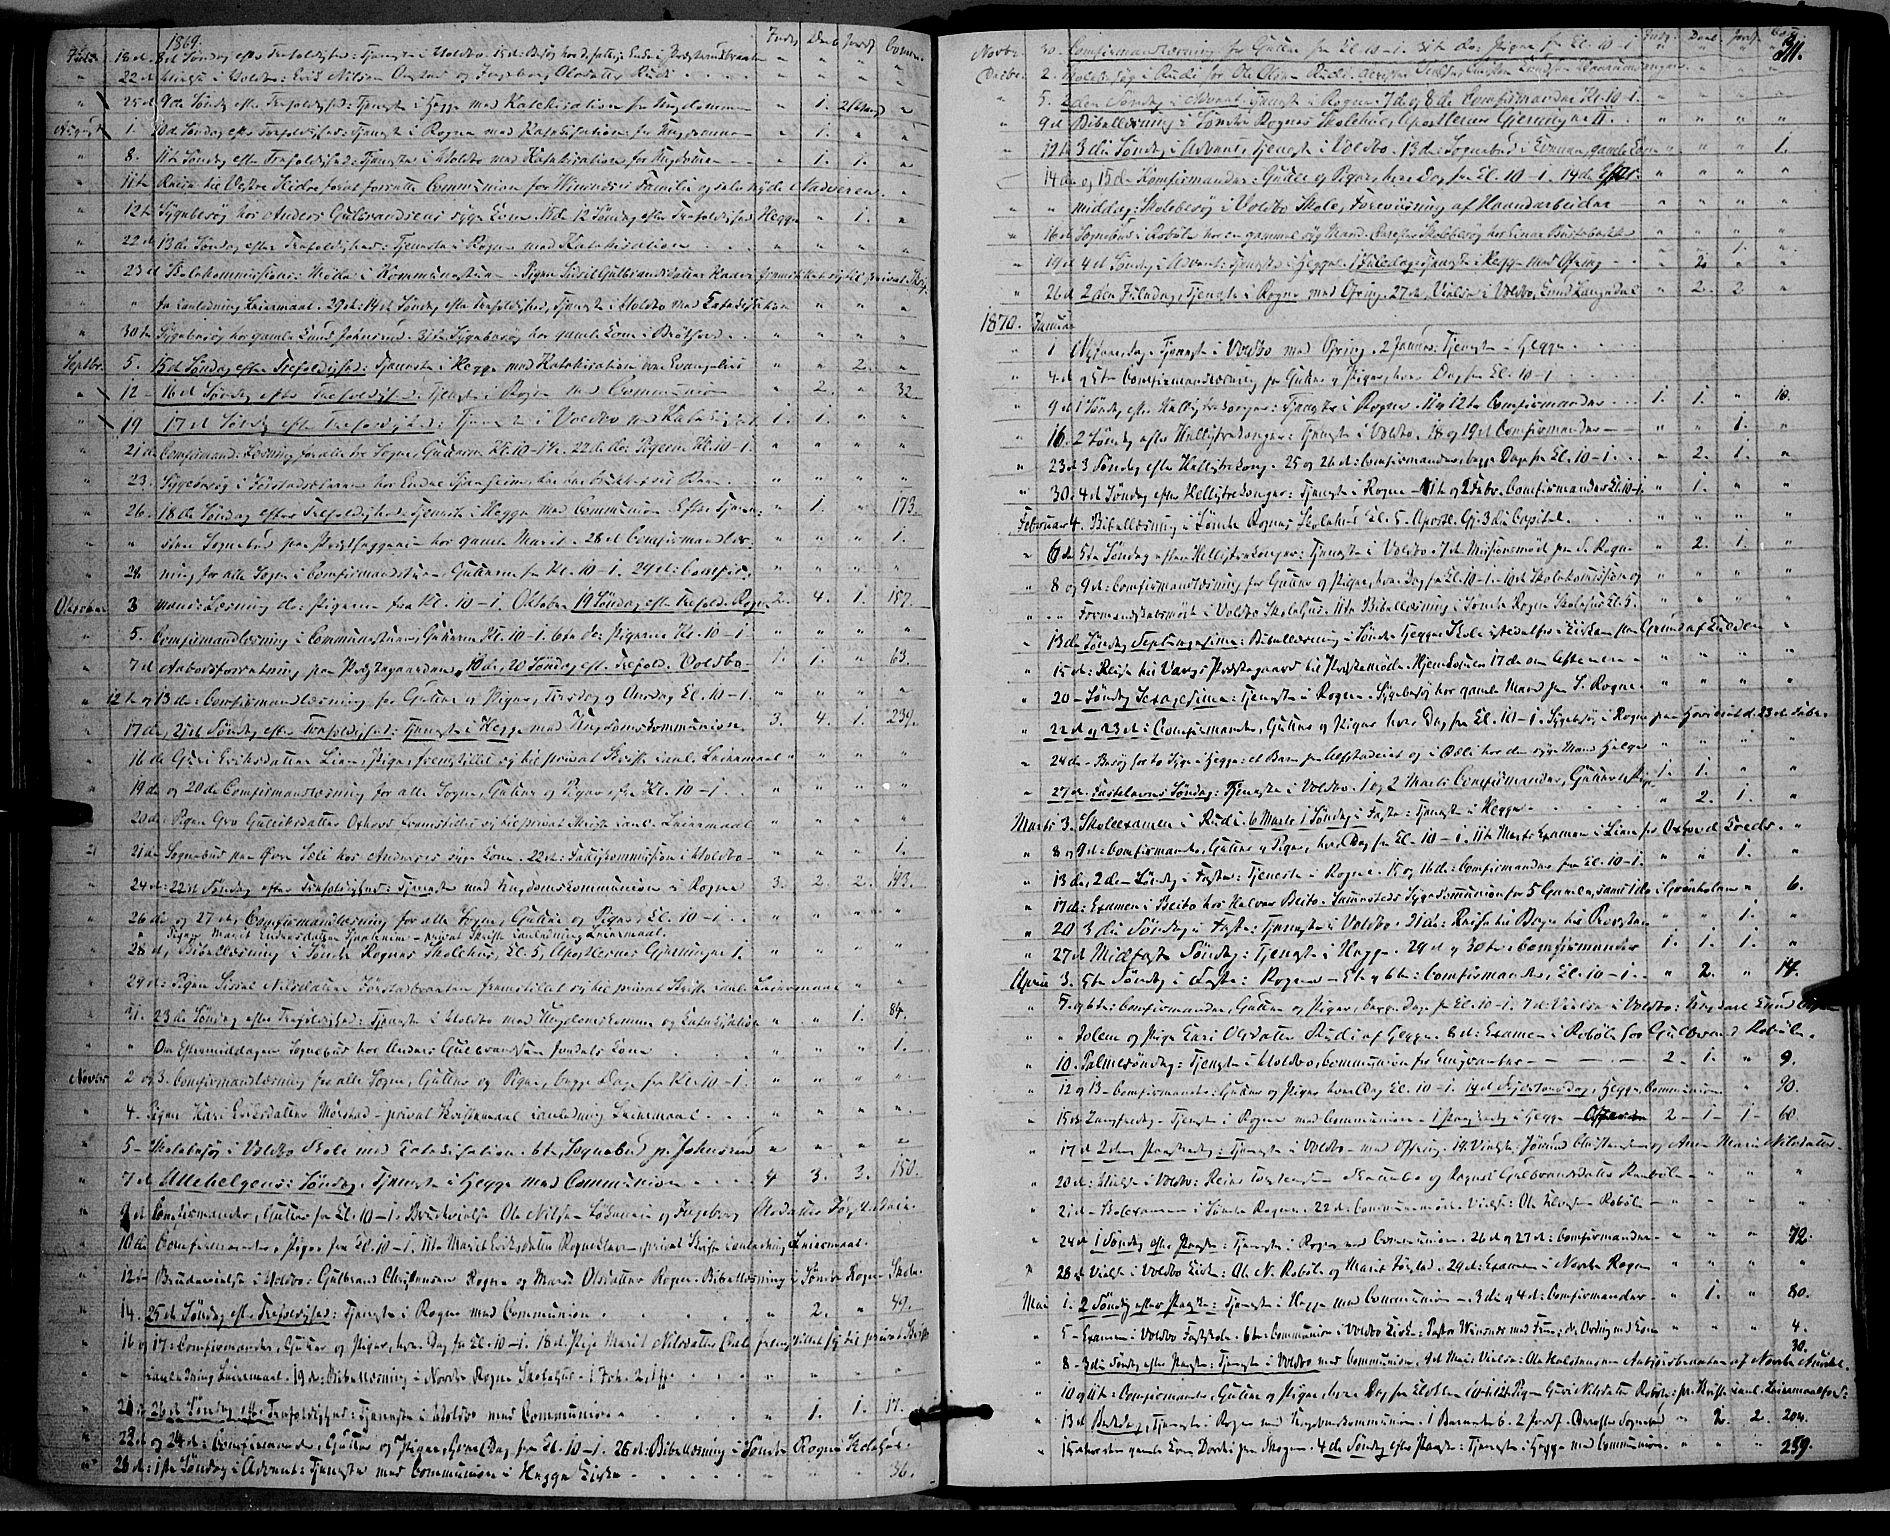 SAH, Øystre Slidre prestekontor, Ministerialbok nr. 1, 1849-1874, s. 311